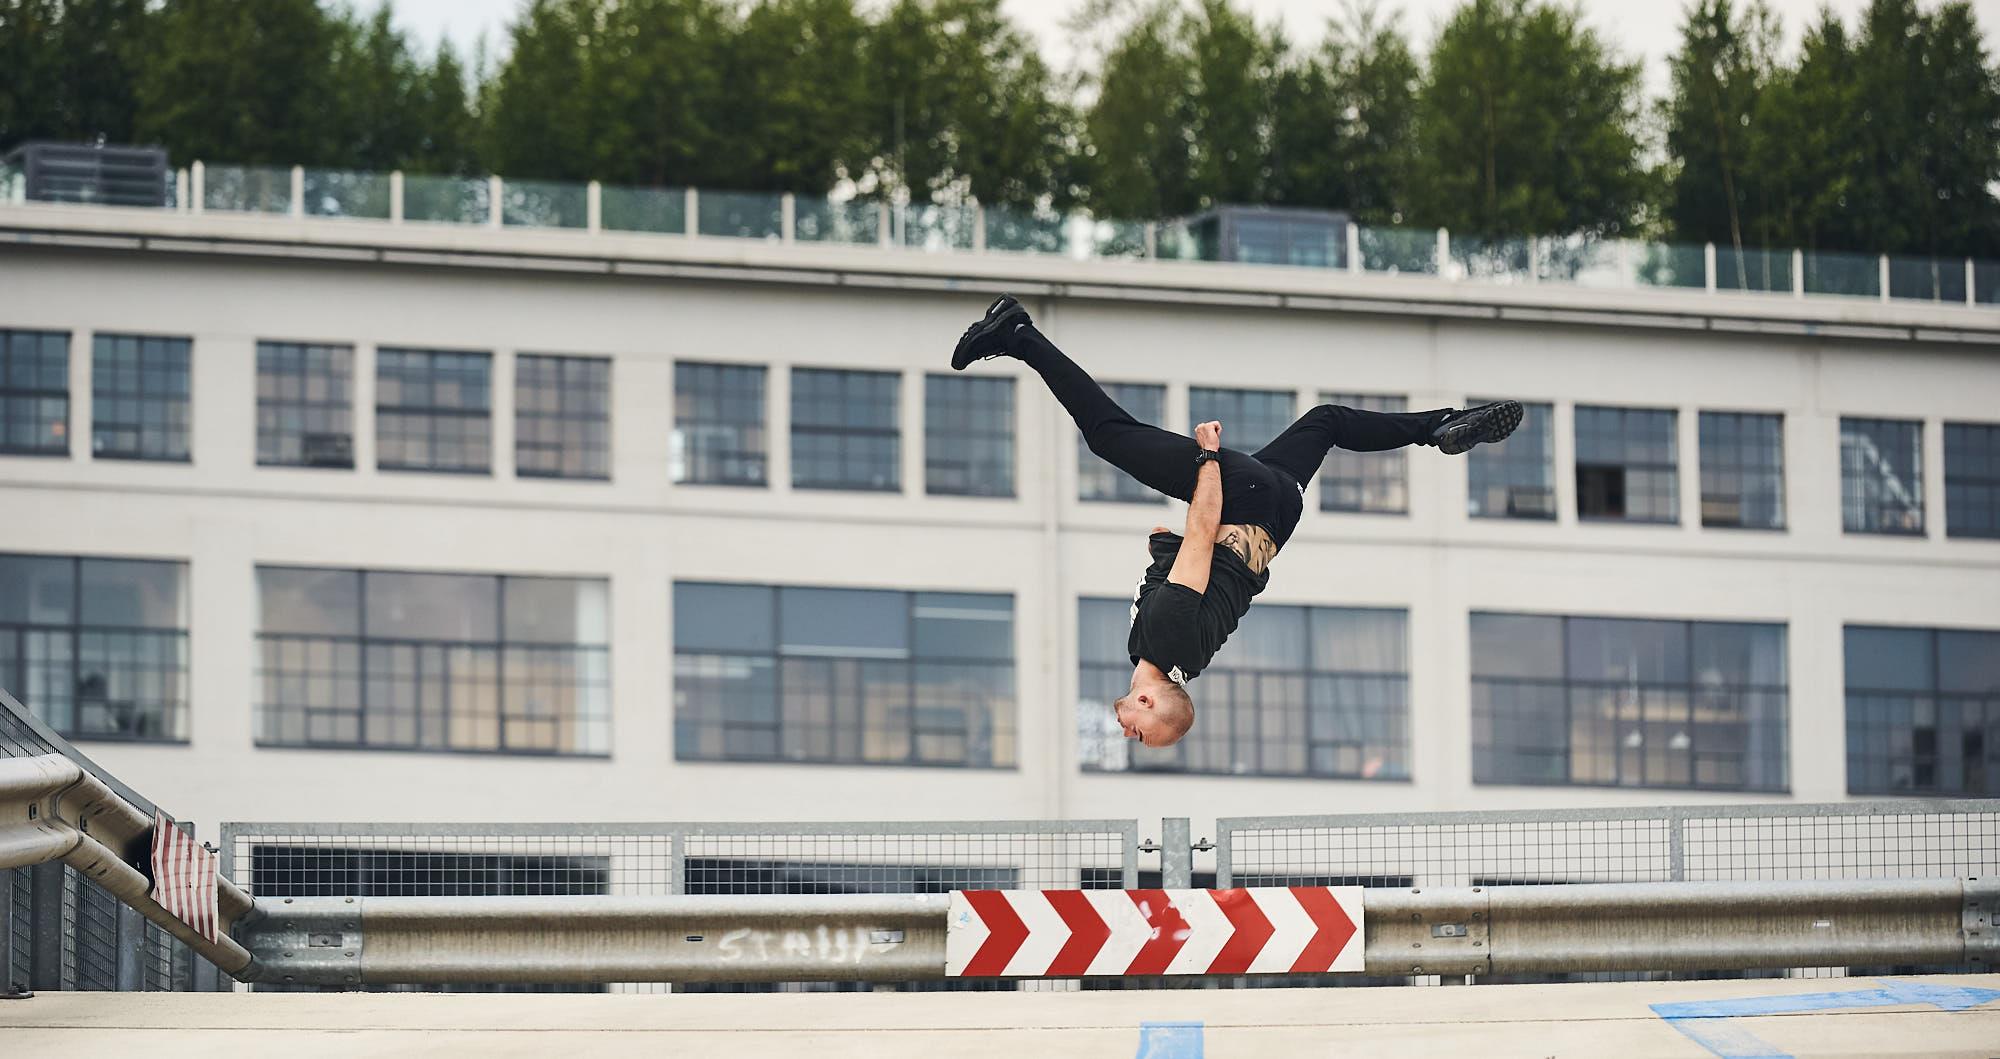 Kelian Cieslak performing a trick in the air